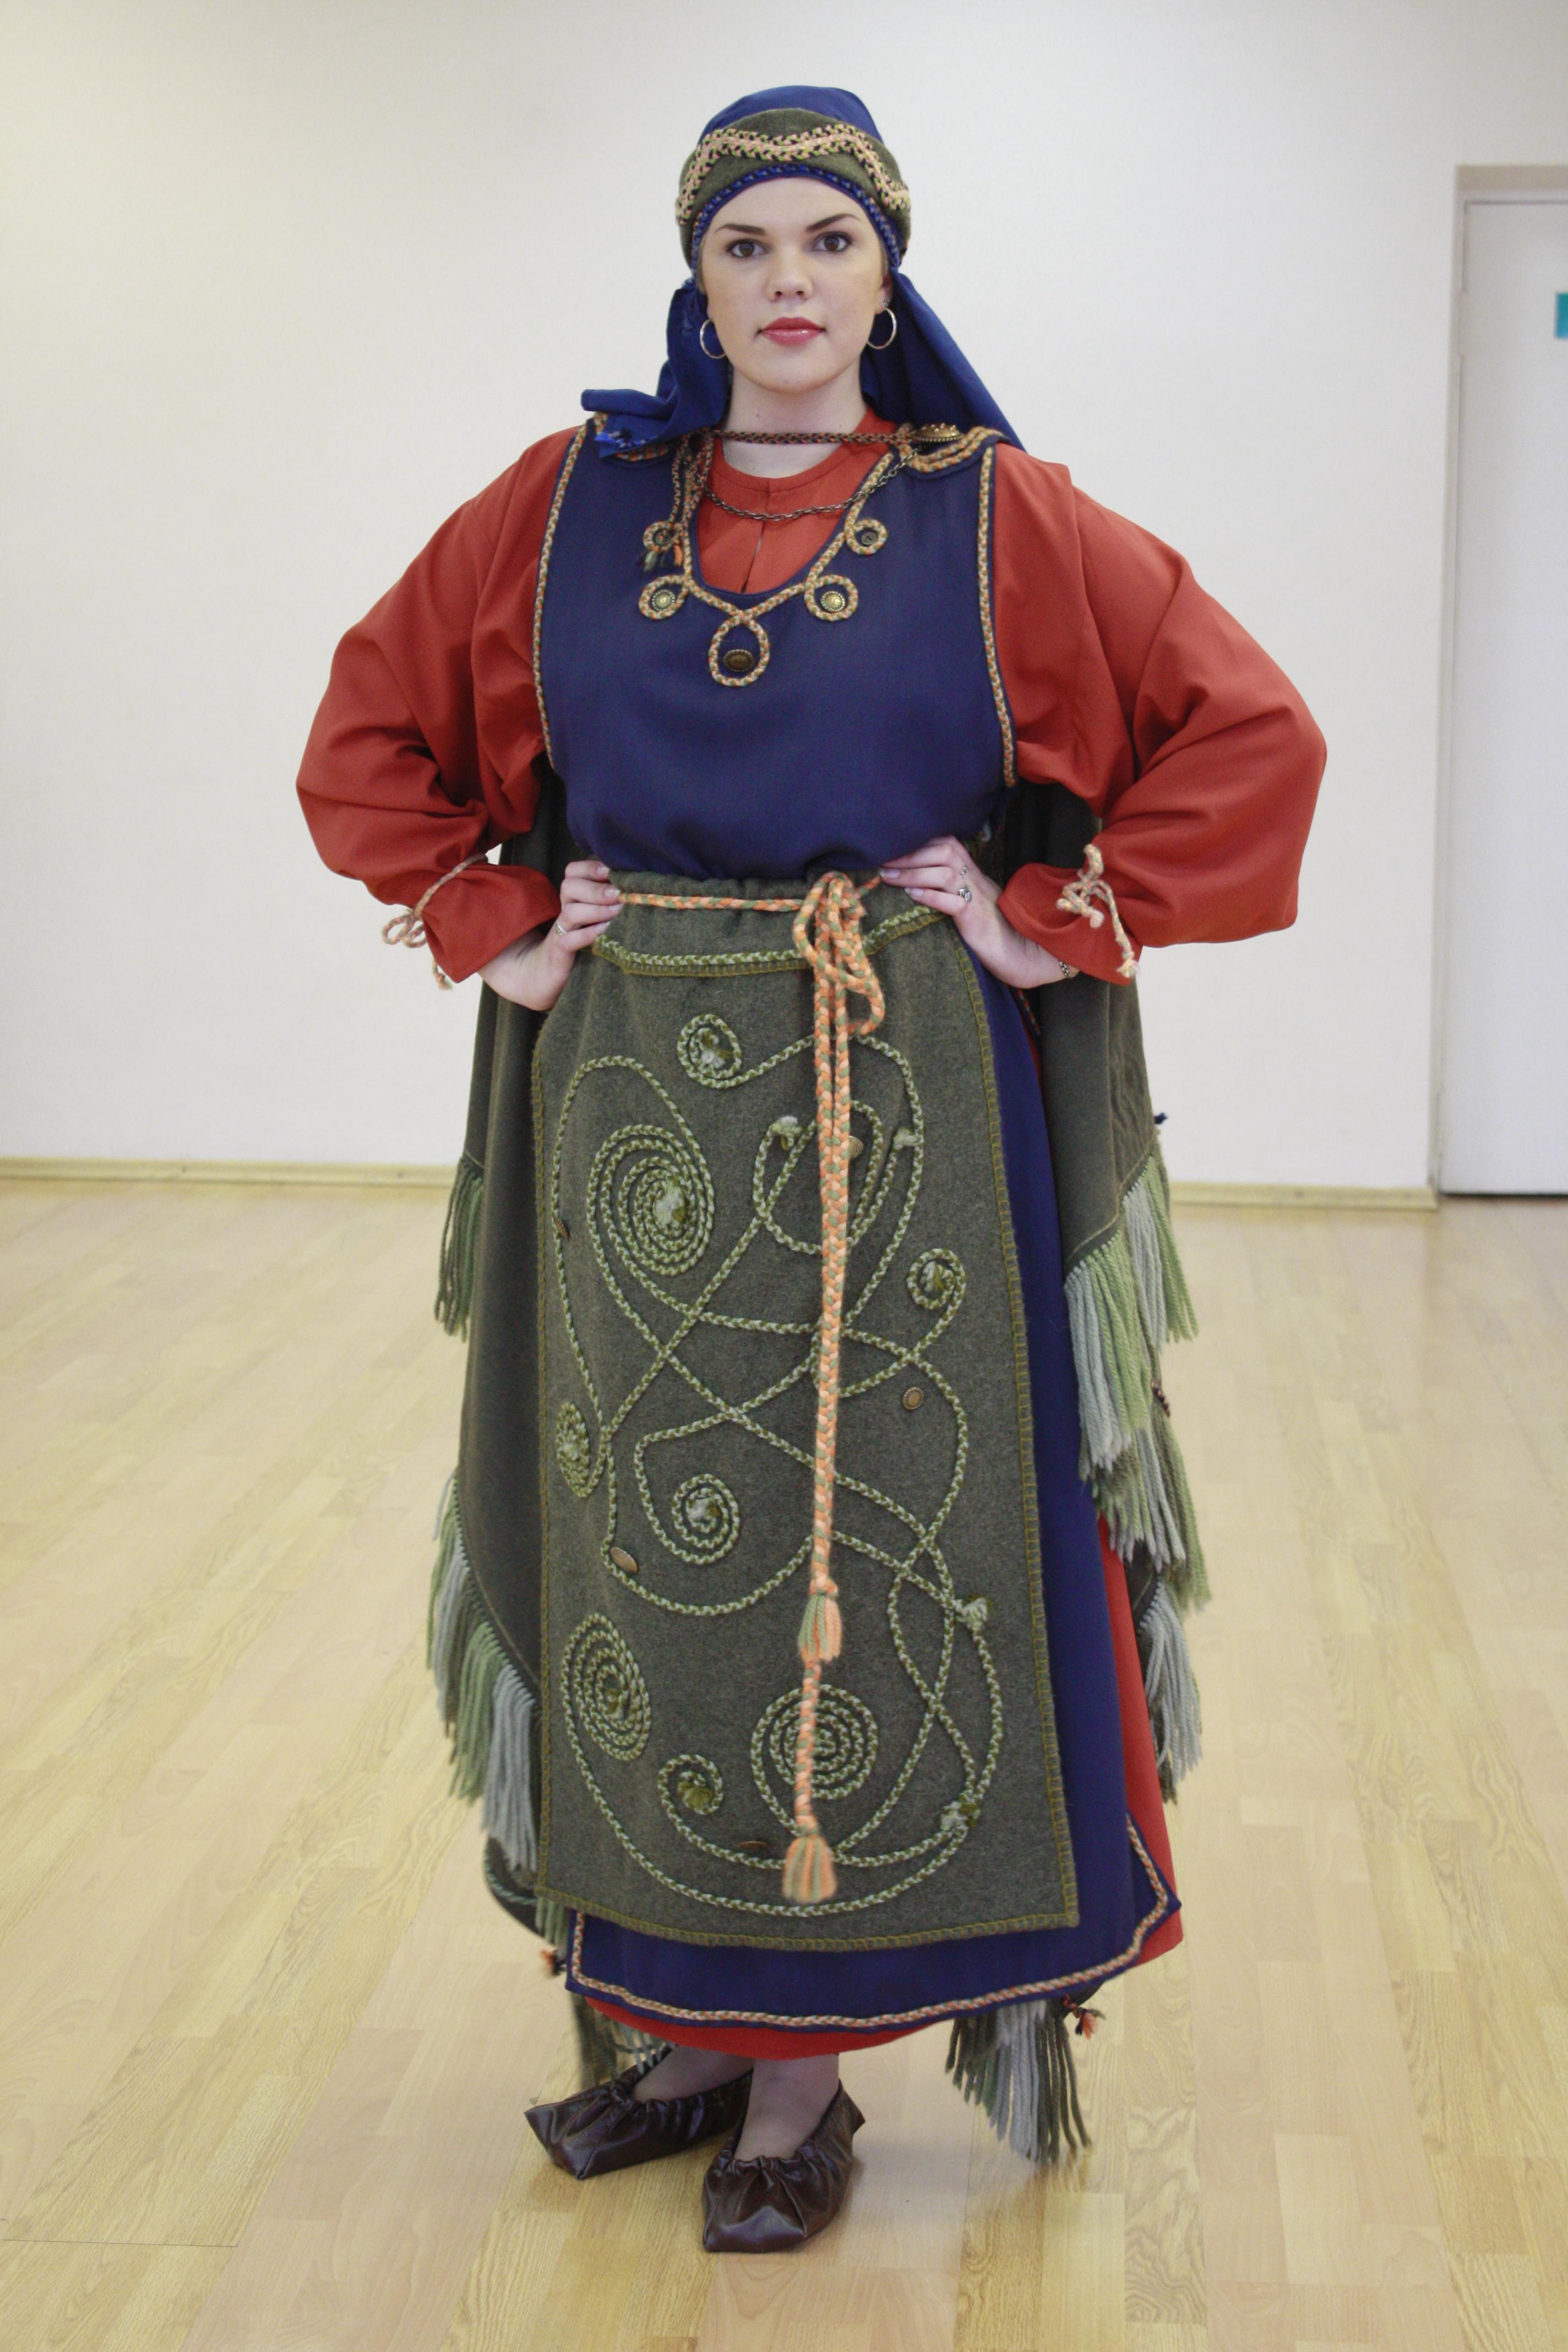 00aac429bf7 Мифология народа Коми стала основой при создании коллекций. Центральной  темой коллекции «Этника Севера» является сказочная повесть «Волшебный ...